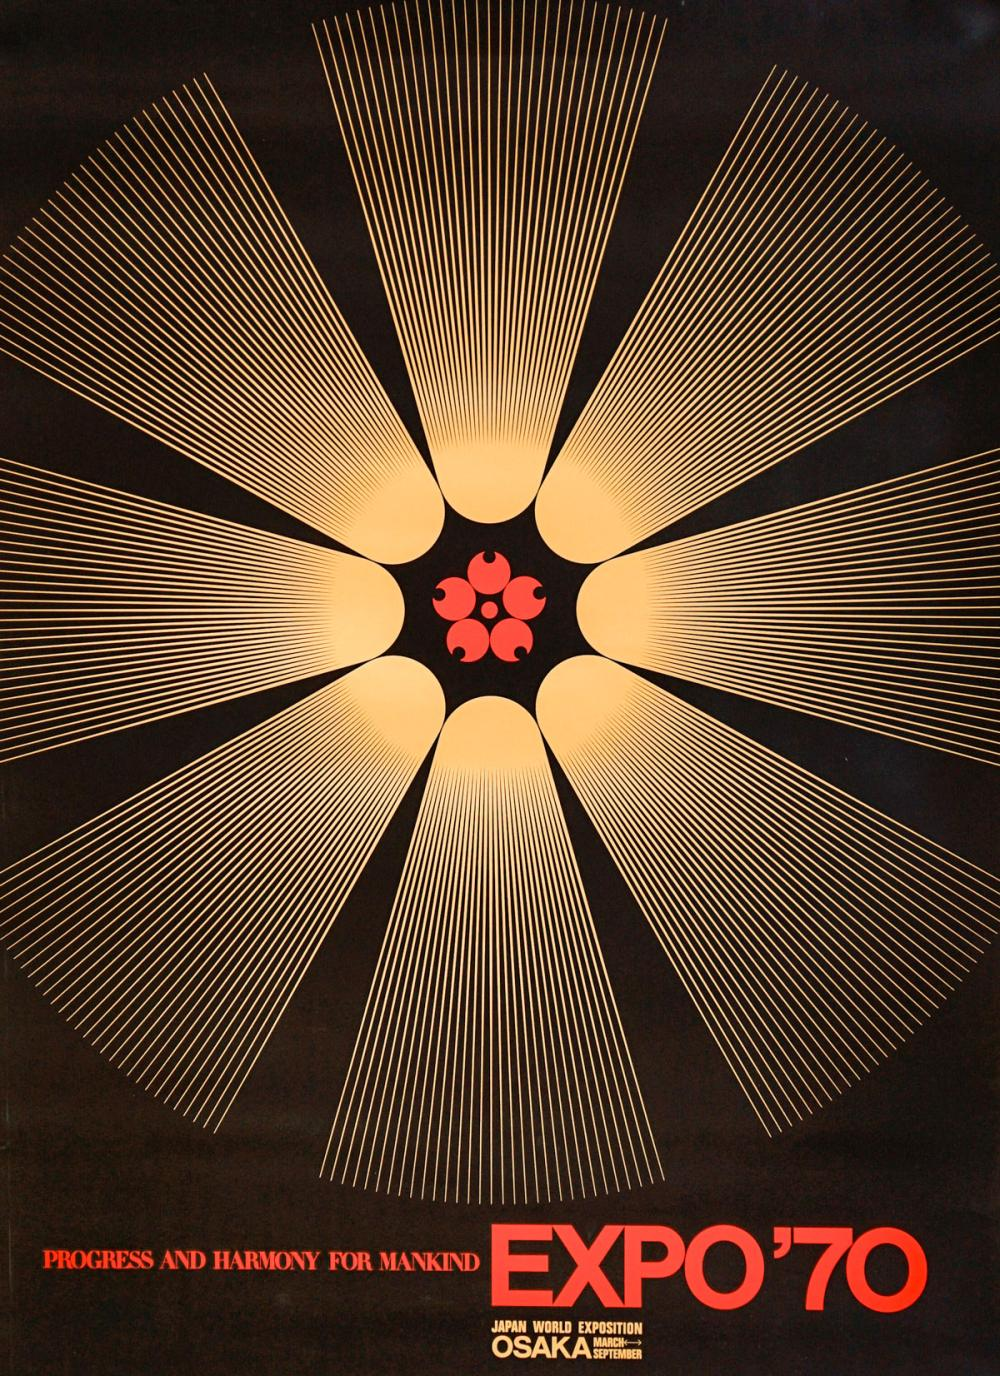 Yusaku Kamekura for 1970 EXPO '70 Original Poster